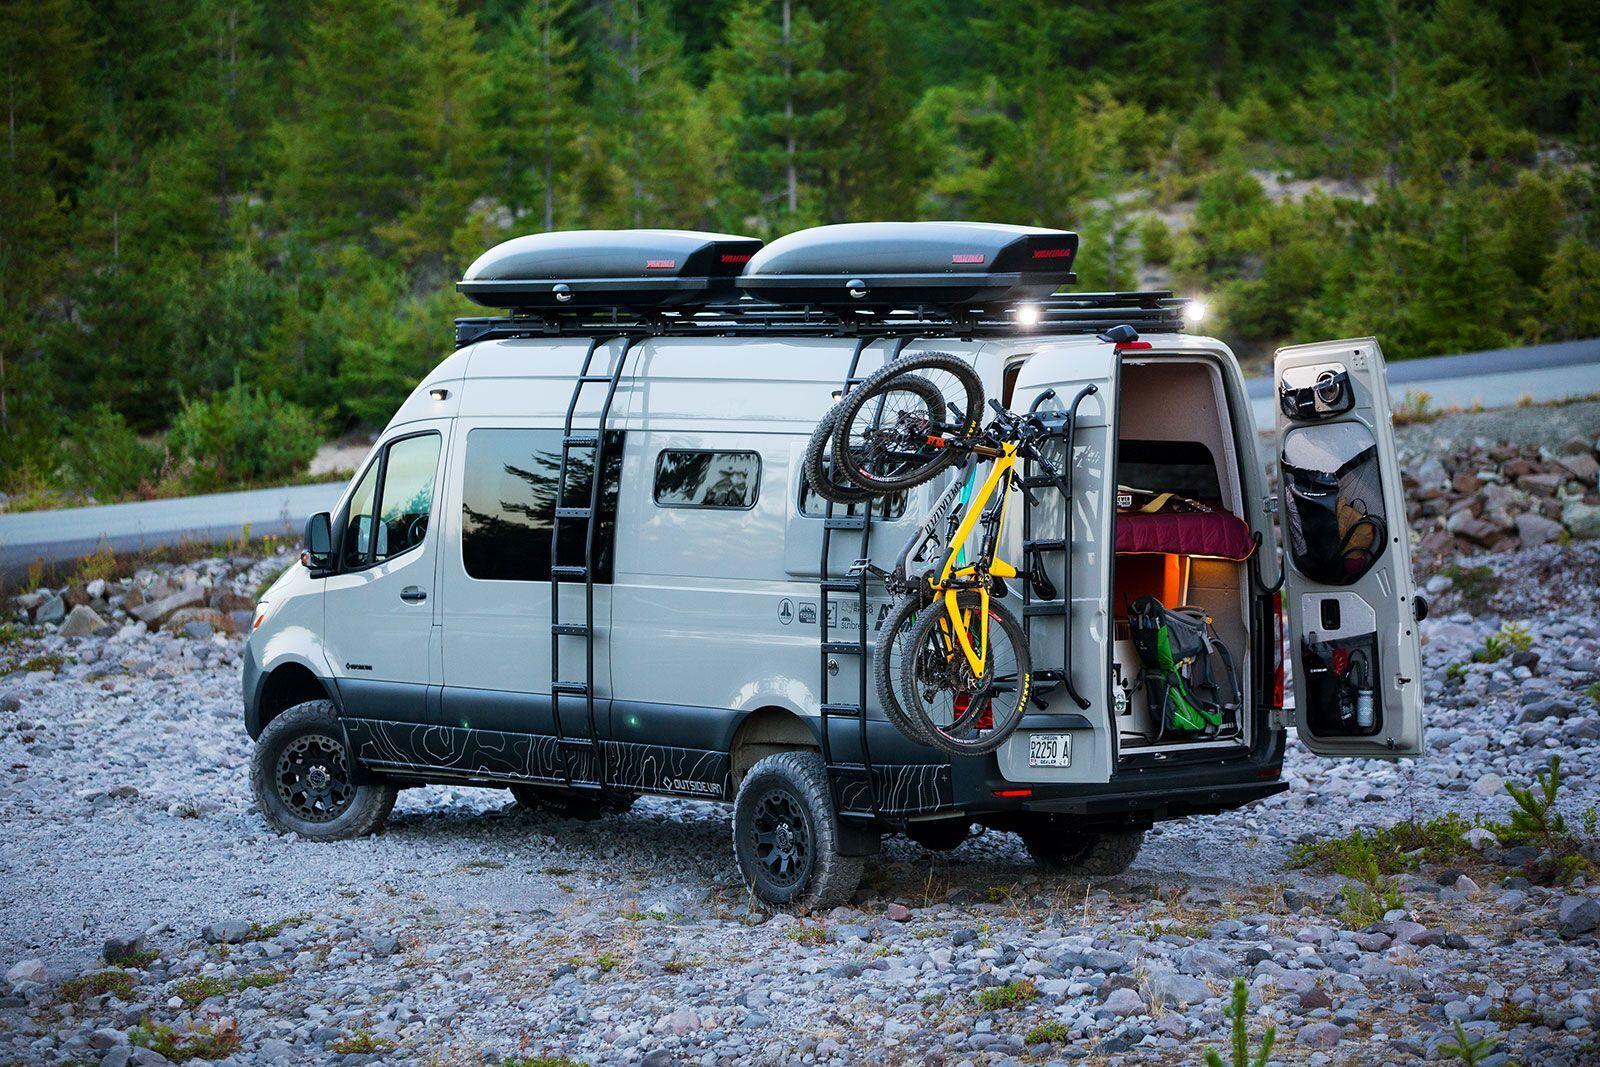 Elevate получил все необходимое оборудование для путешествий и отдыха